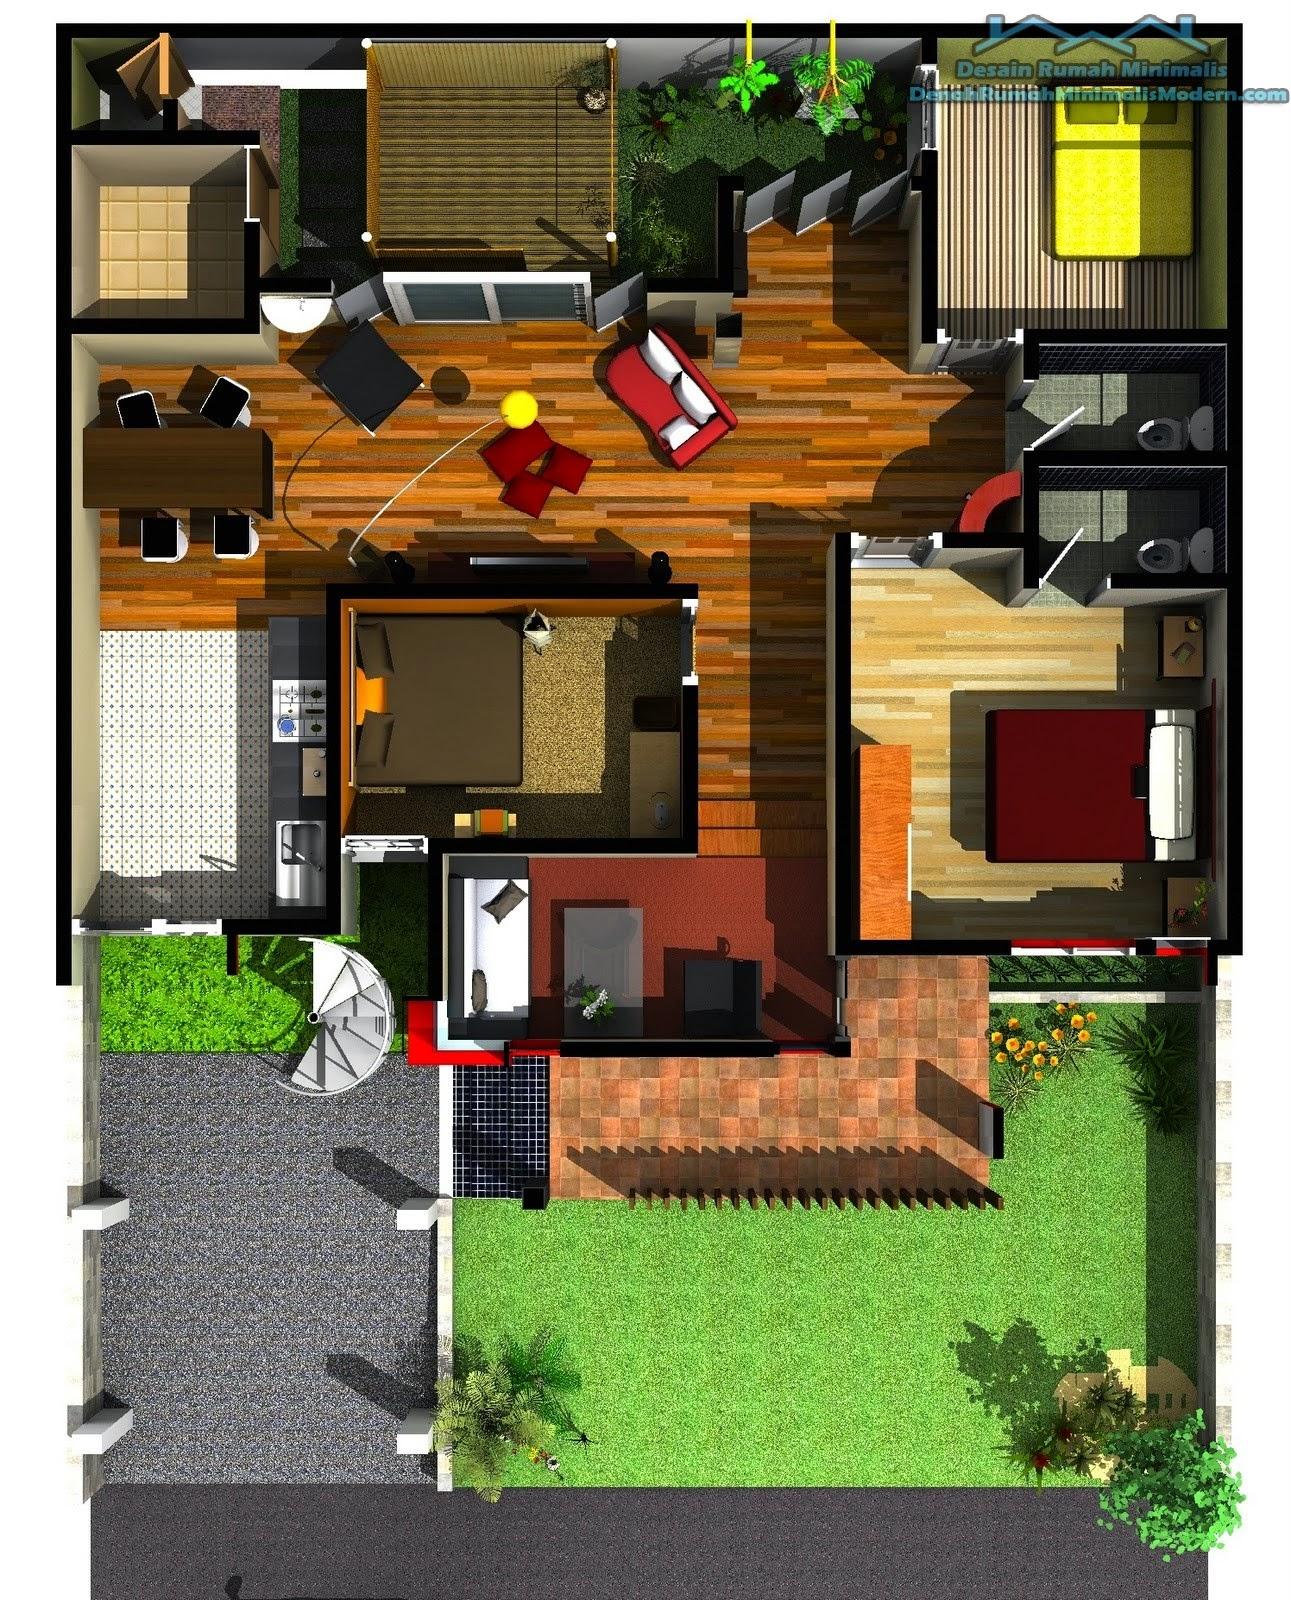 Desain Rumah Minimalis 1 Lantai 5 Kamar Gambar Foto Desain Rumah